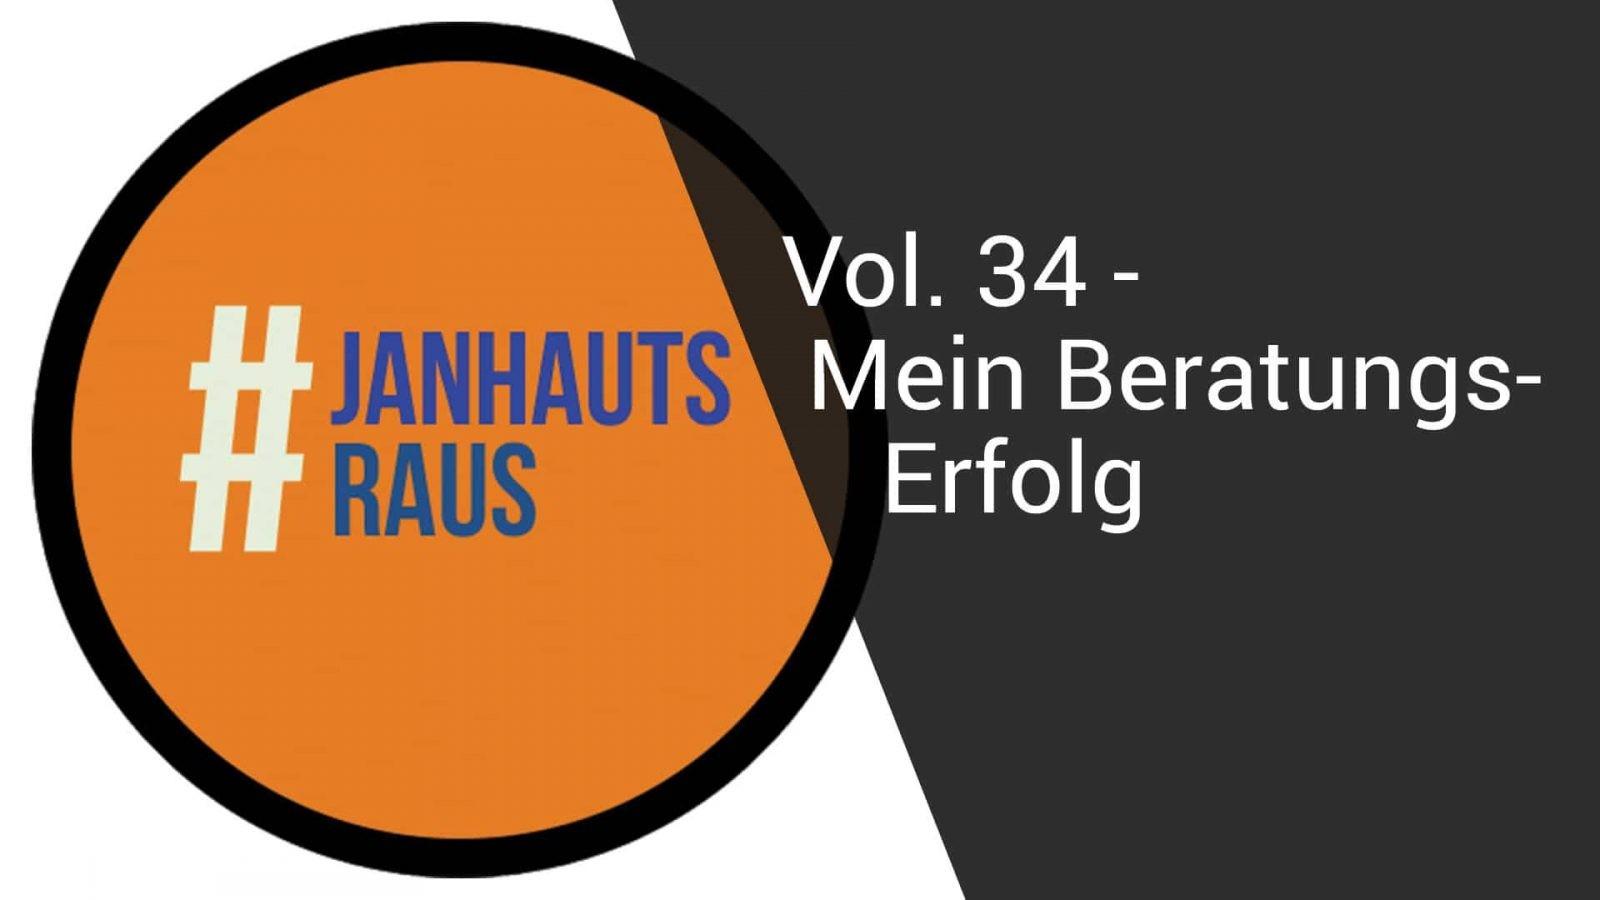 #janhautsraus - Vol. 34 - Mein Beratungserfolg